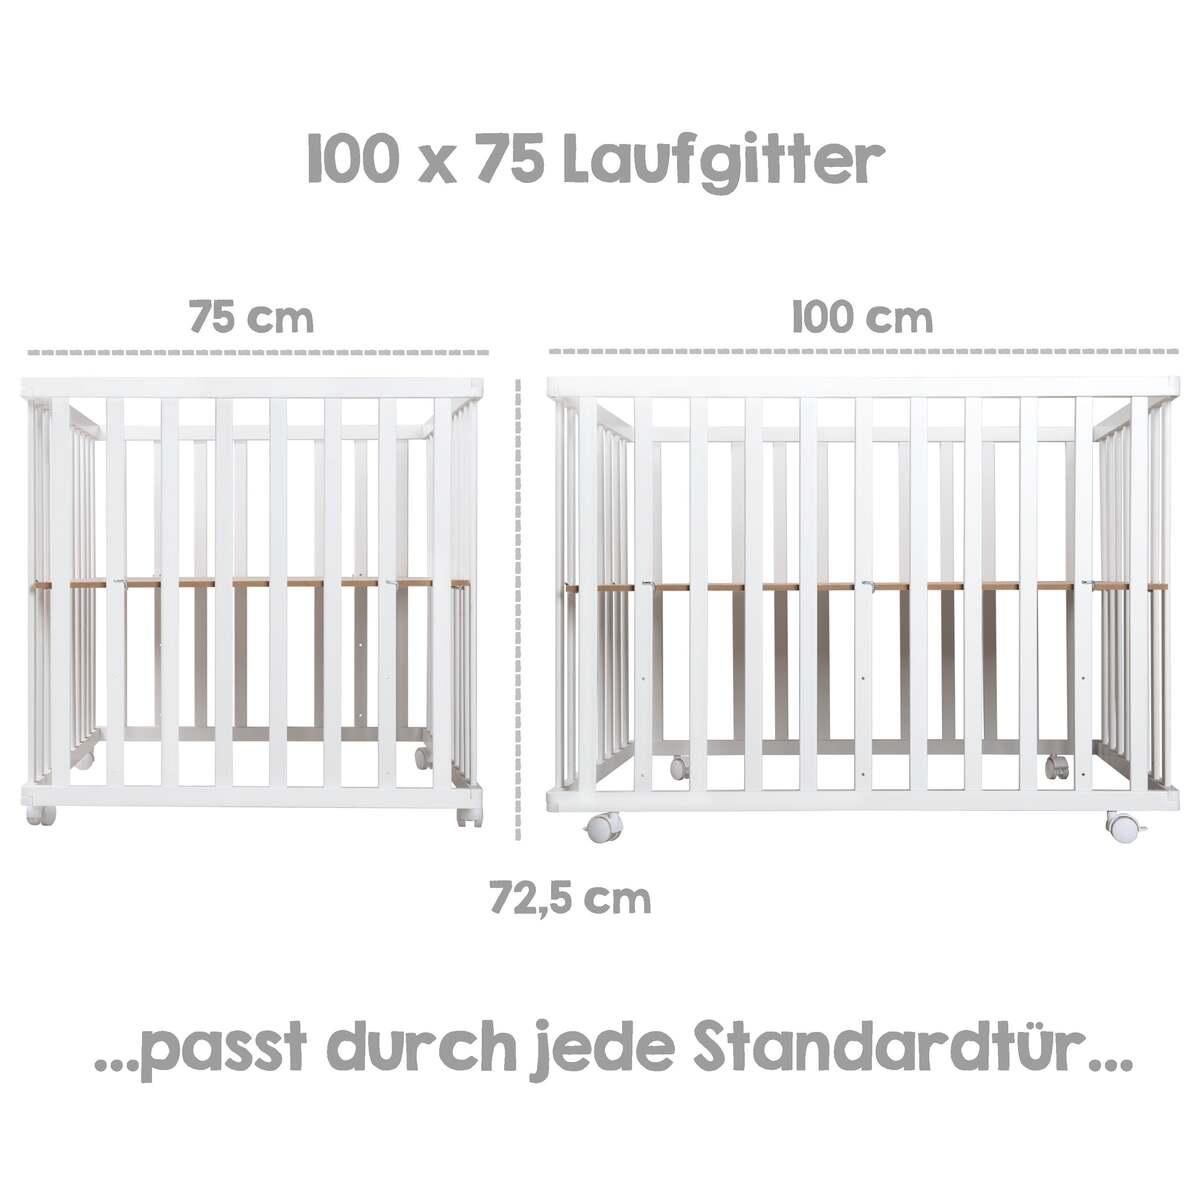 Bild 2 von roba 4-eckiges Laufgitter Style türkis, weiß lackiert